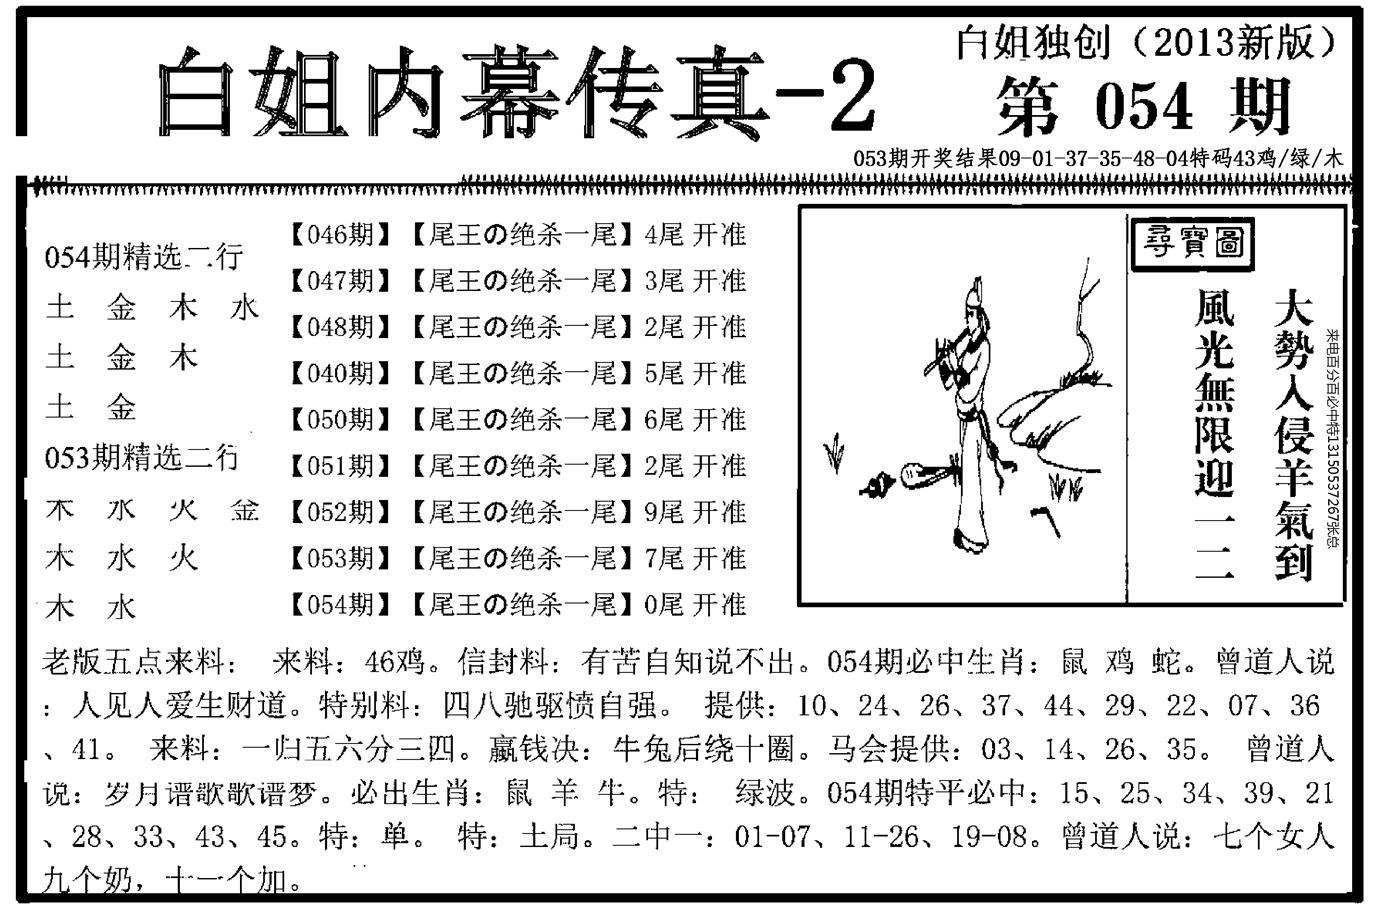 054期白姐内幕传真-2(黑白)